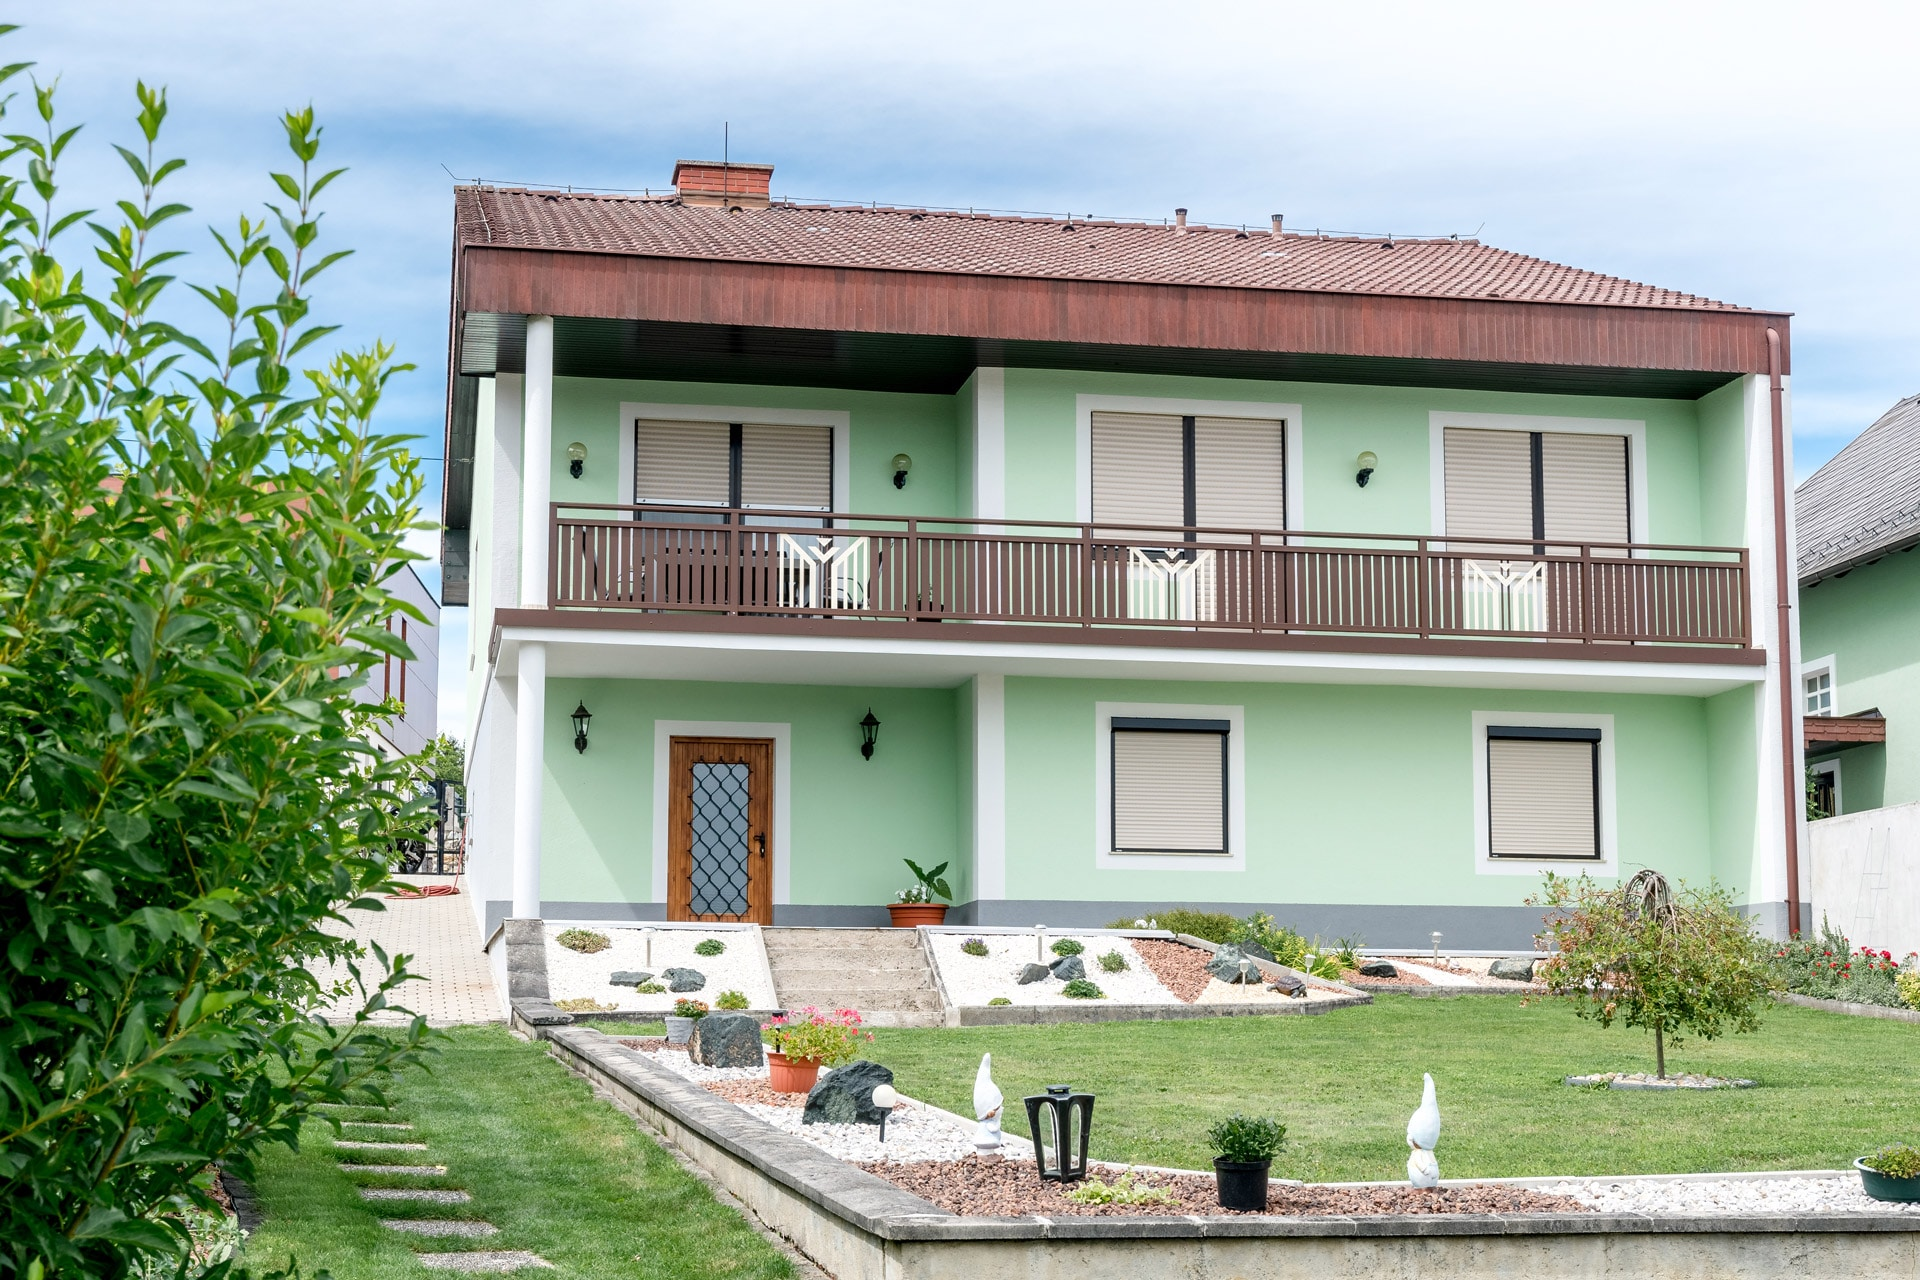 Villach 24 b | Absturzsicherung bei Balkon aus beschichteten Aluminium Latten braun-weiß | Svoboda